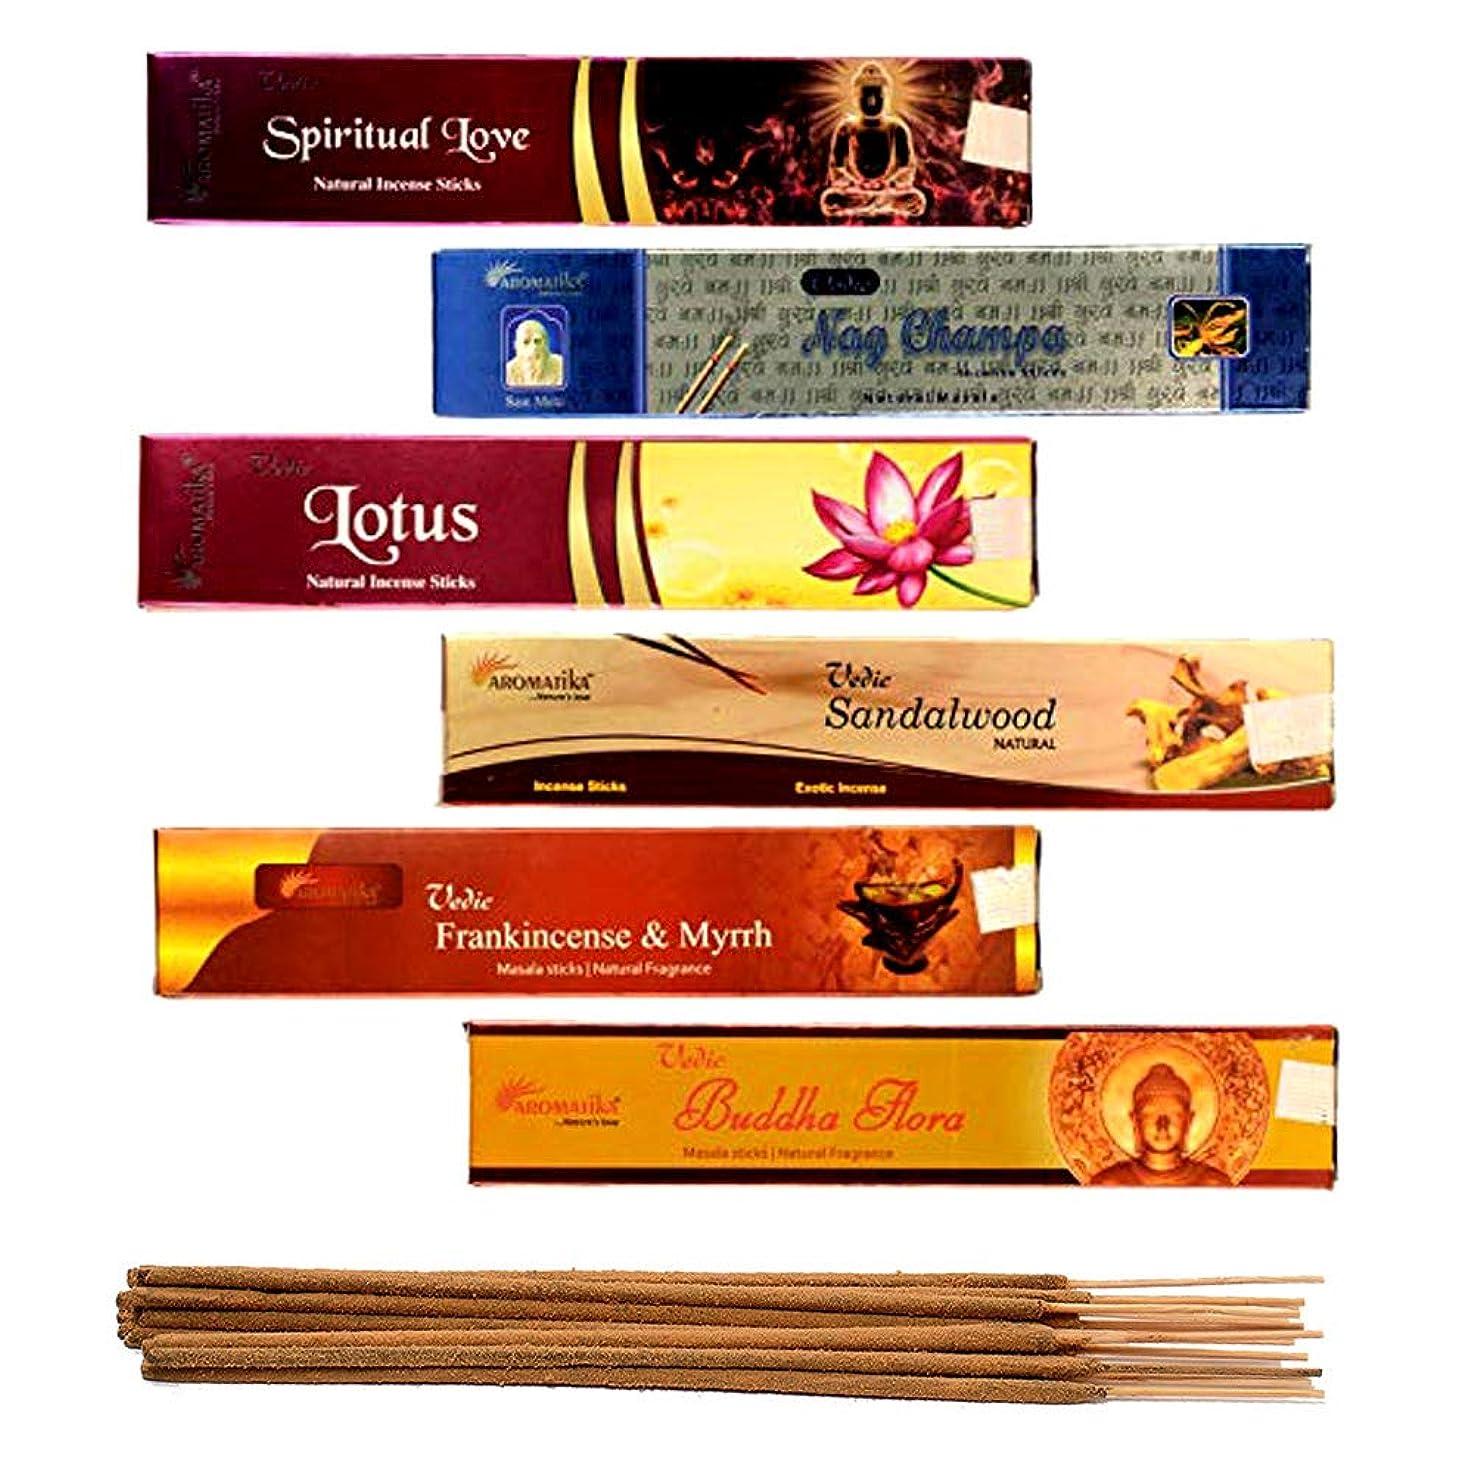 カルシウム調和シリングaromatika 6?Assorted Masala Incense Sticks Vedic Nag Champa、サンダルウッド、ブッダFlora、ロータス、Frankincense & Myrrh、Spiritual Love WithメタルIncense Stick Holder